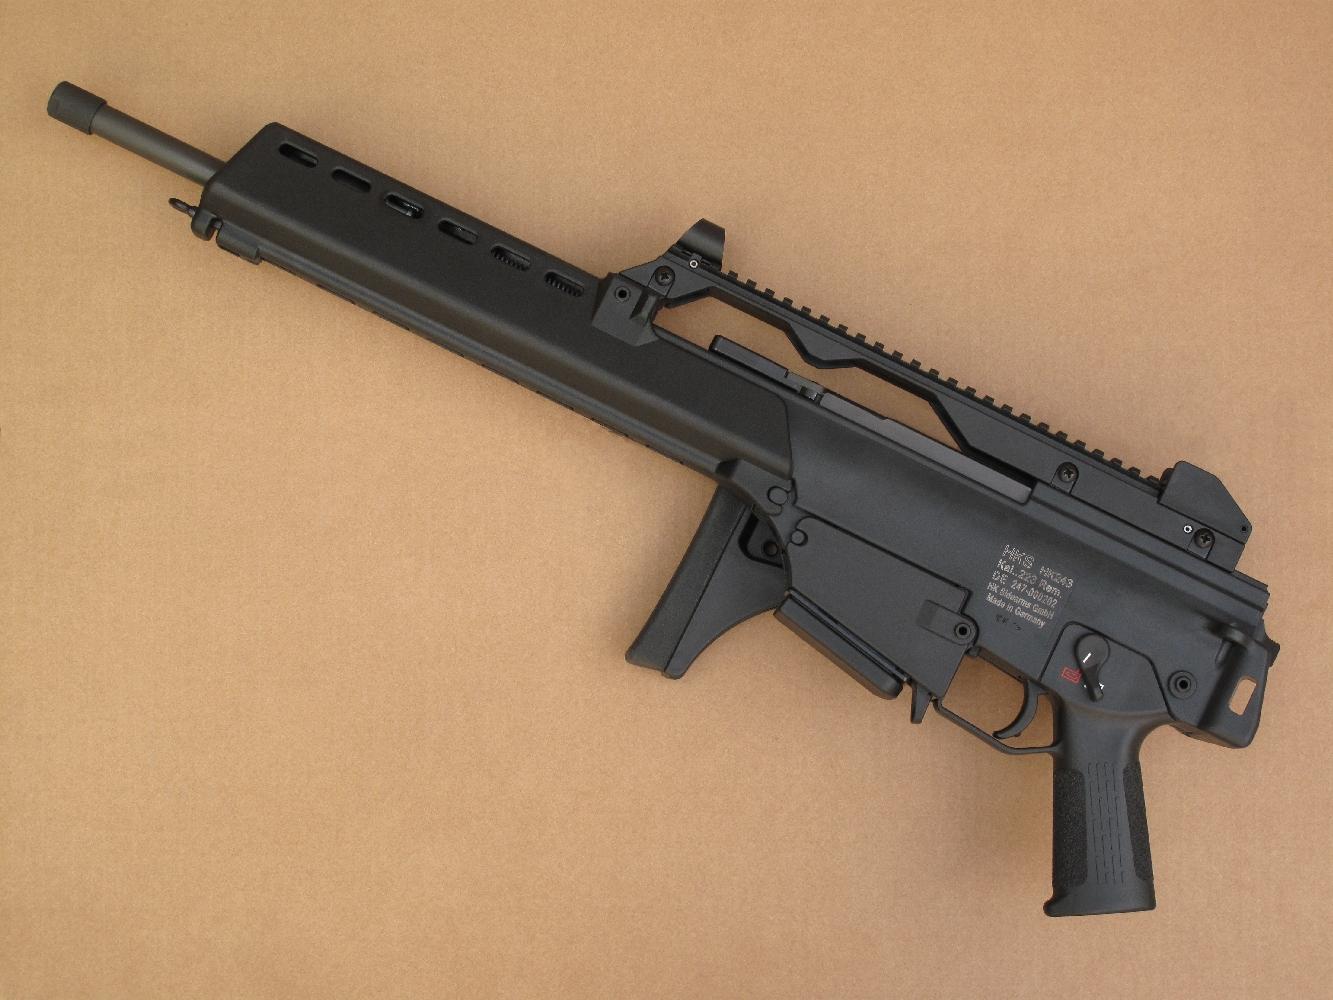 Le HK243 est peu encombrant, puisqu'il ne mesure pas plus de 67 cm lorsque sa crosse est repliée et il est léger, en raison de sa fabrication qui fait largement appel aux polymères.